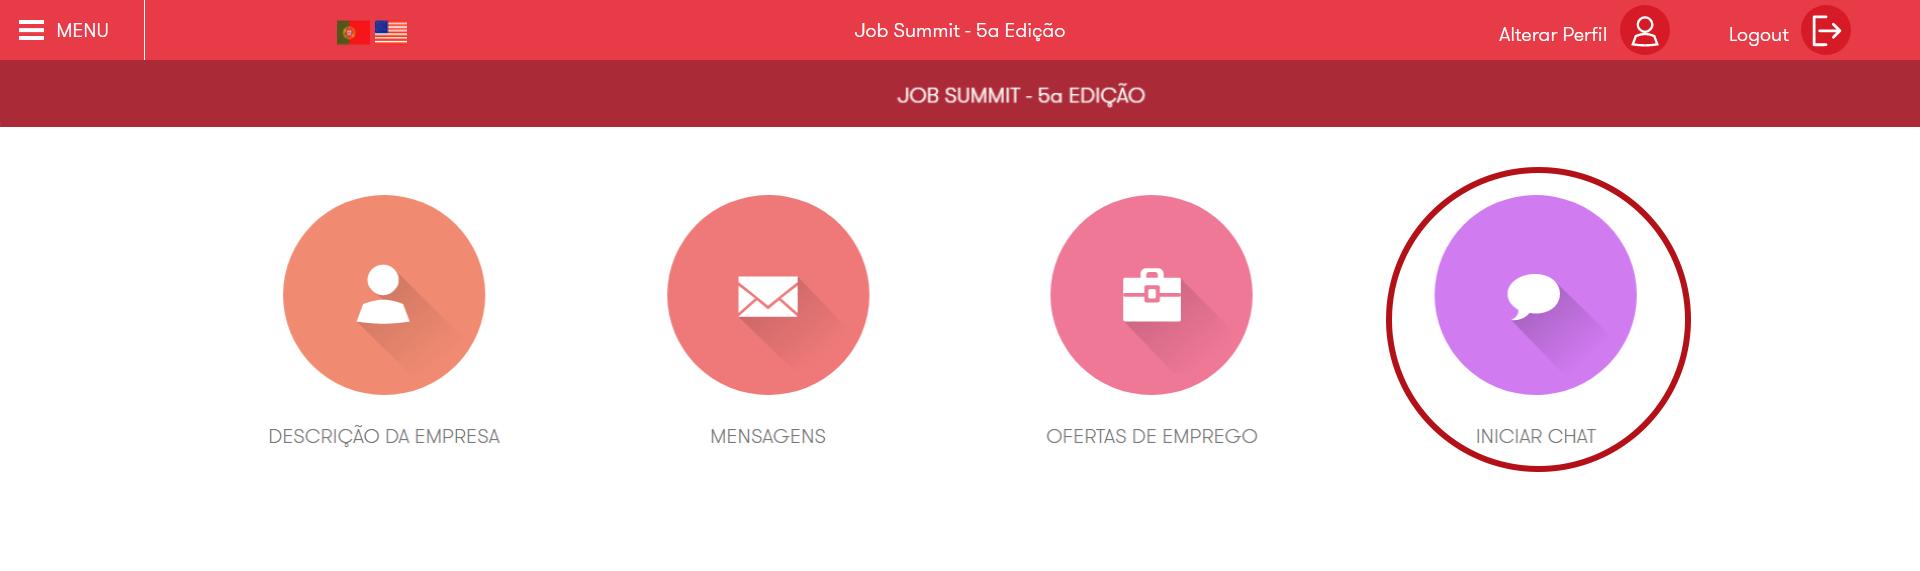 Tour da 5ª Edição do Job Summit